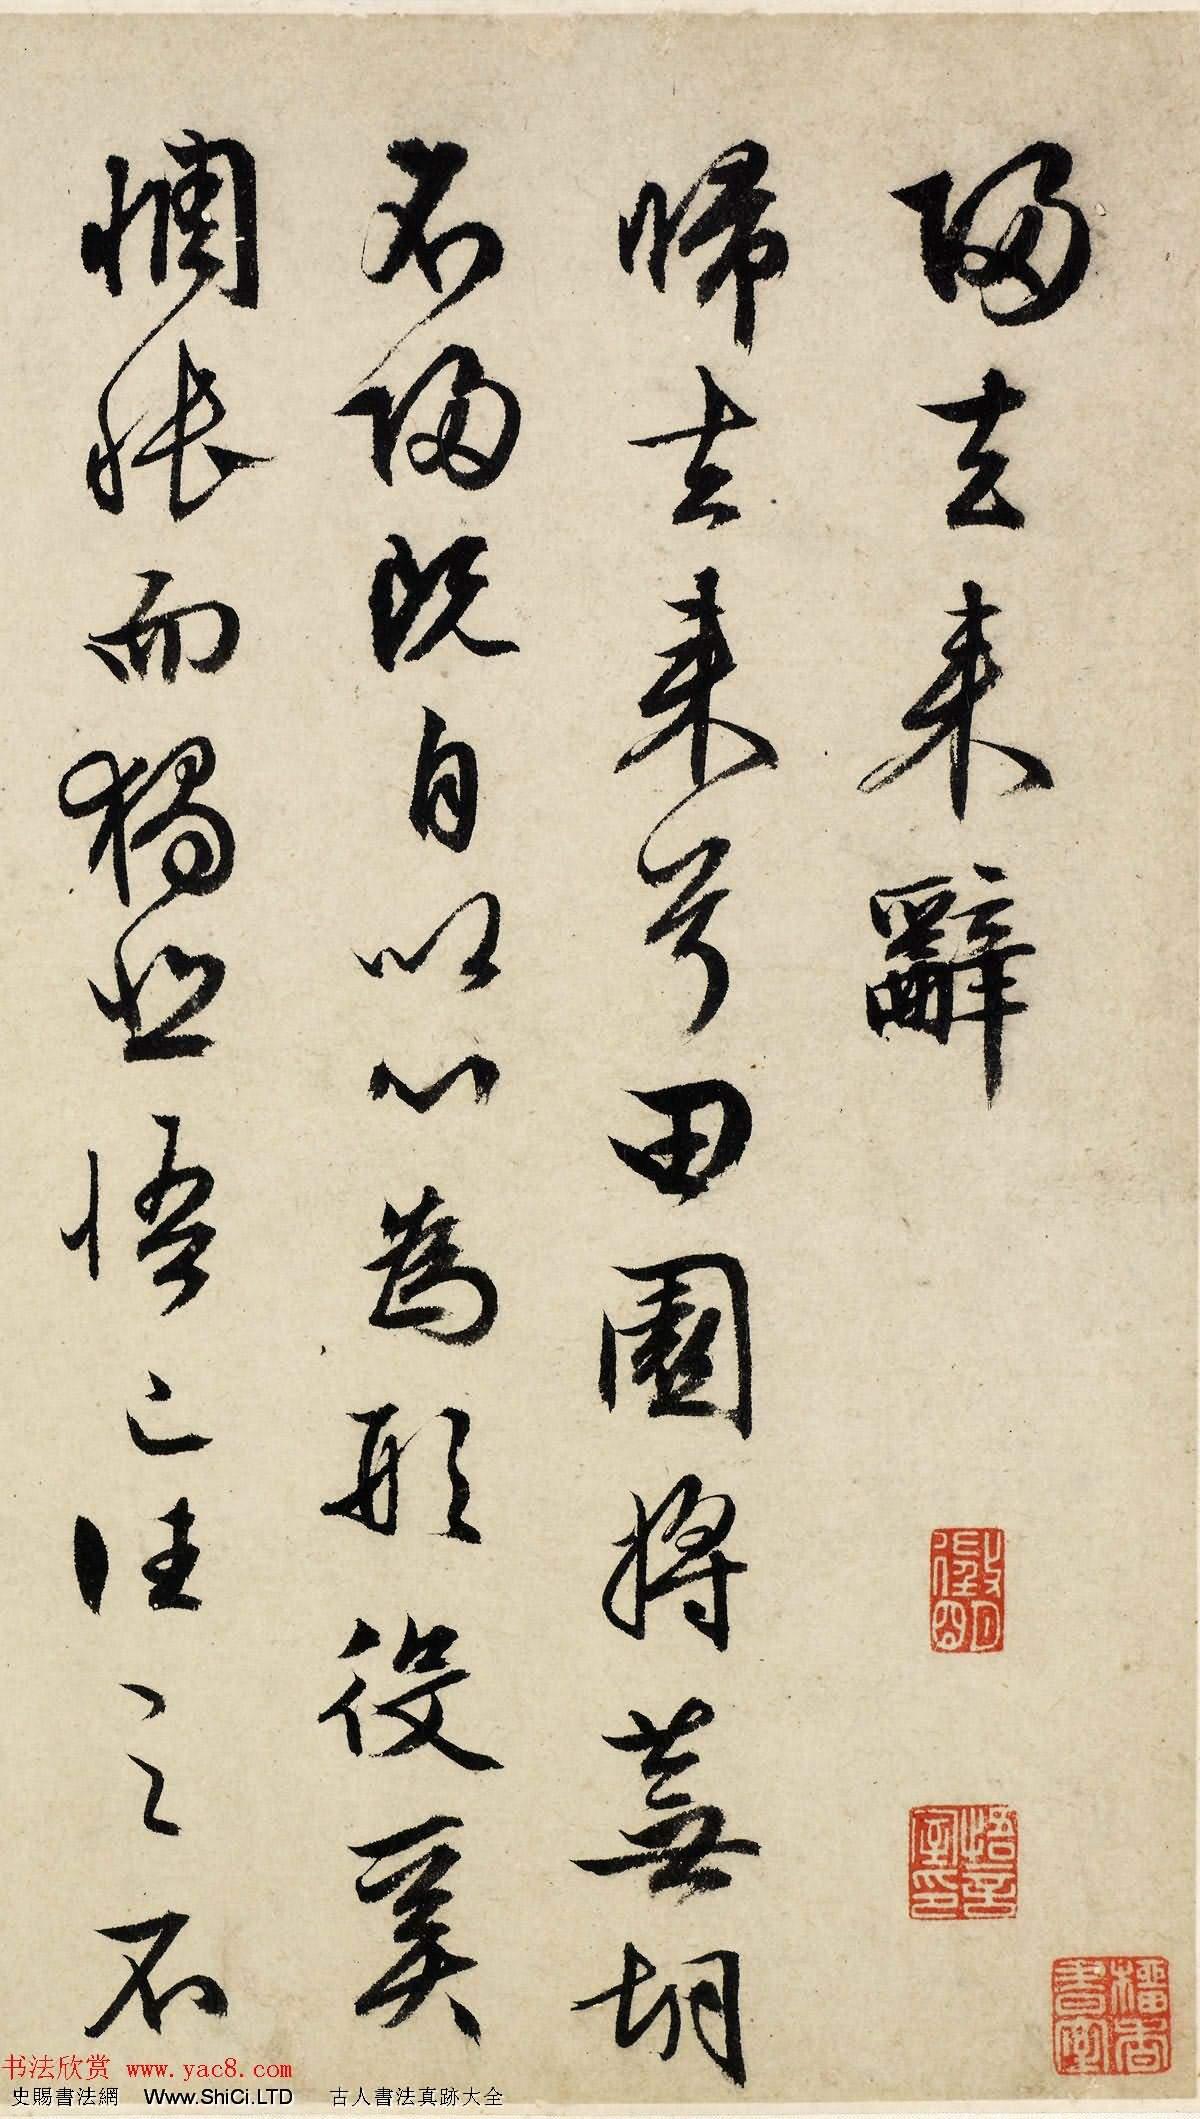 文徵明70歲行草書法真跡欣賞《歸去來辭》(共10張圖片)